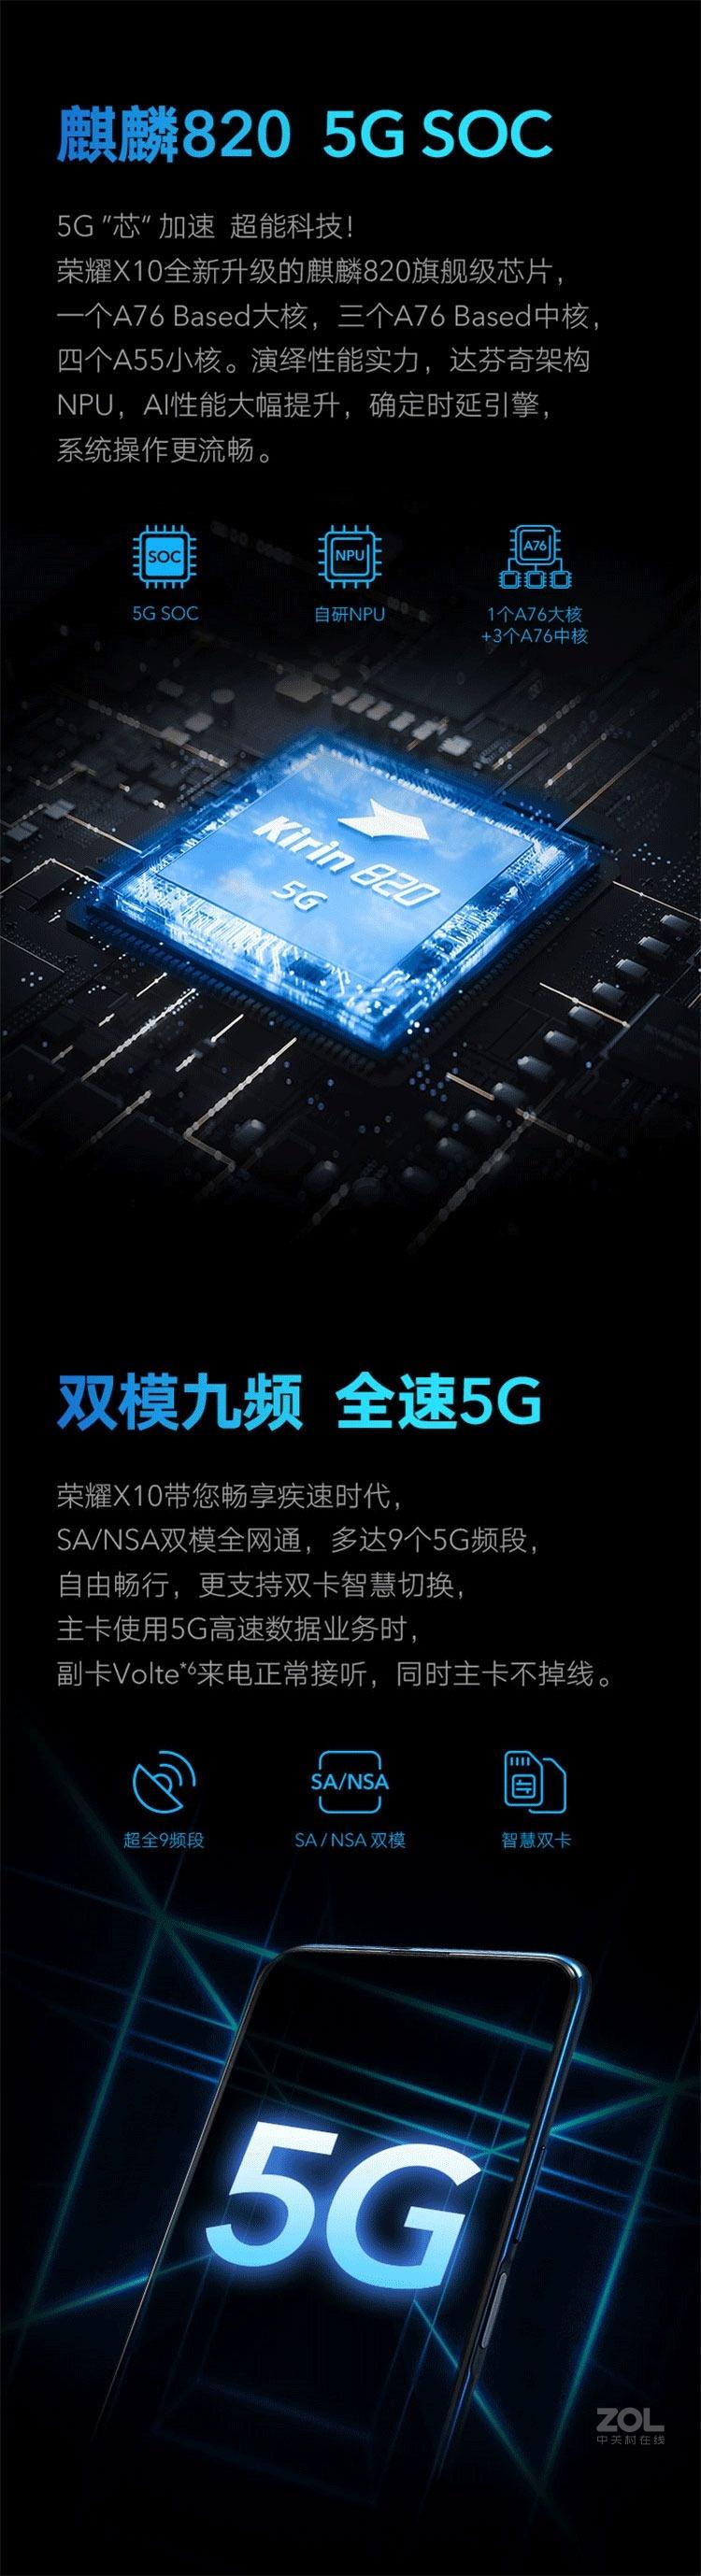 荣耀X10(6GB/128GB/全网通/5G版)评测图解产品亮点图片2